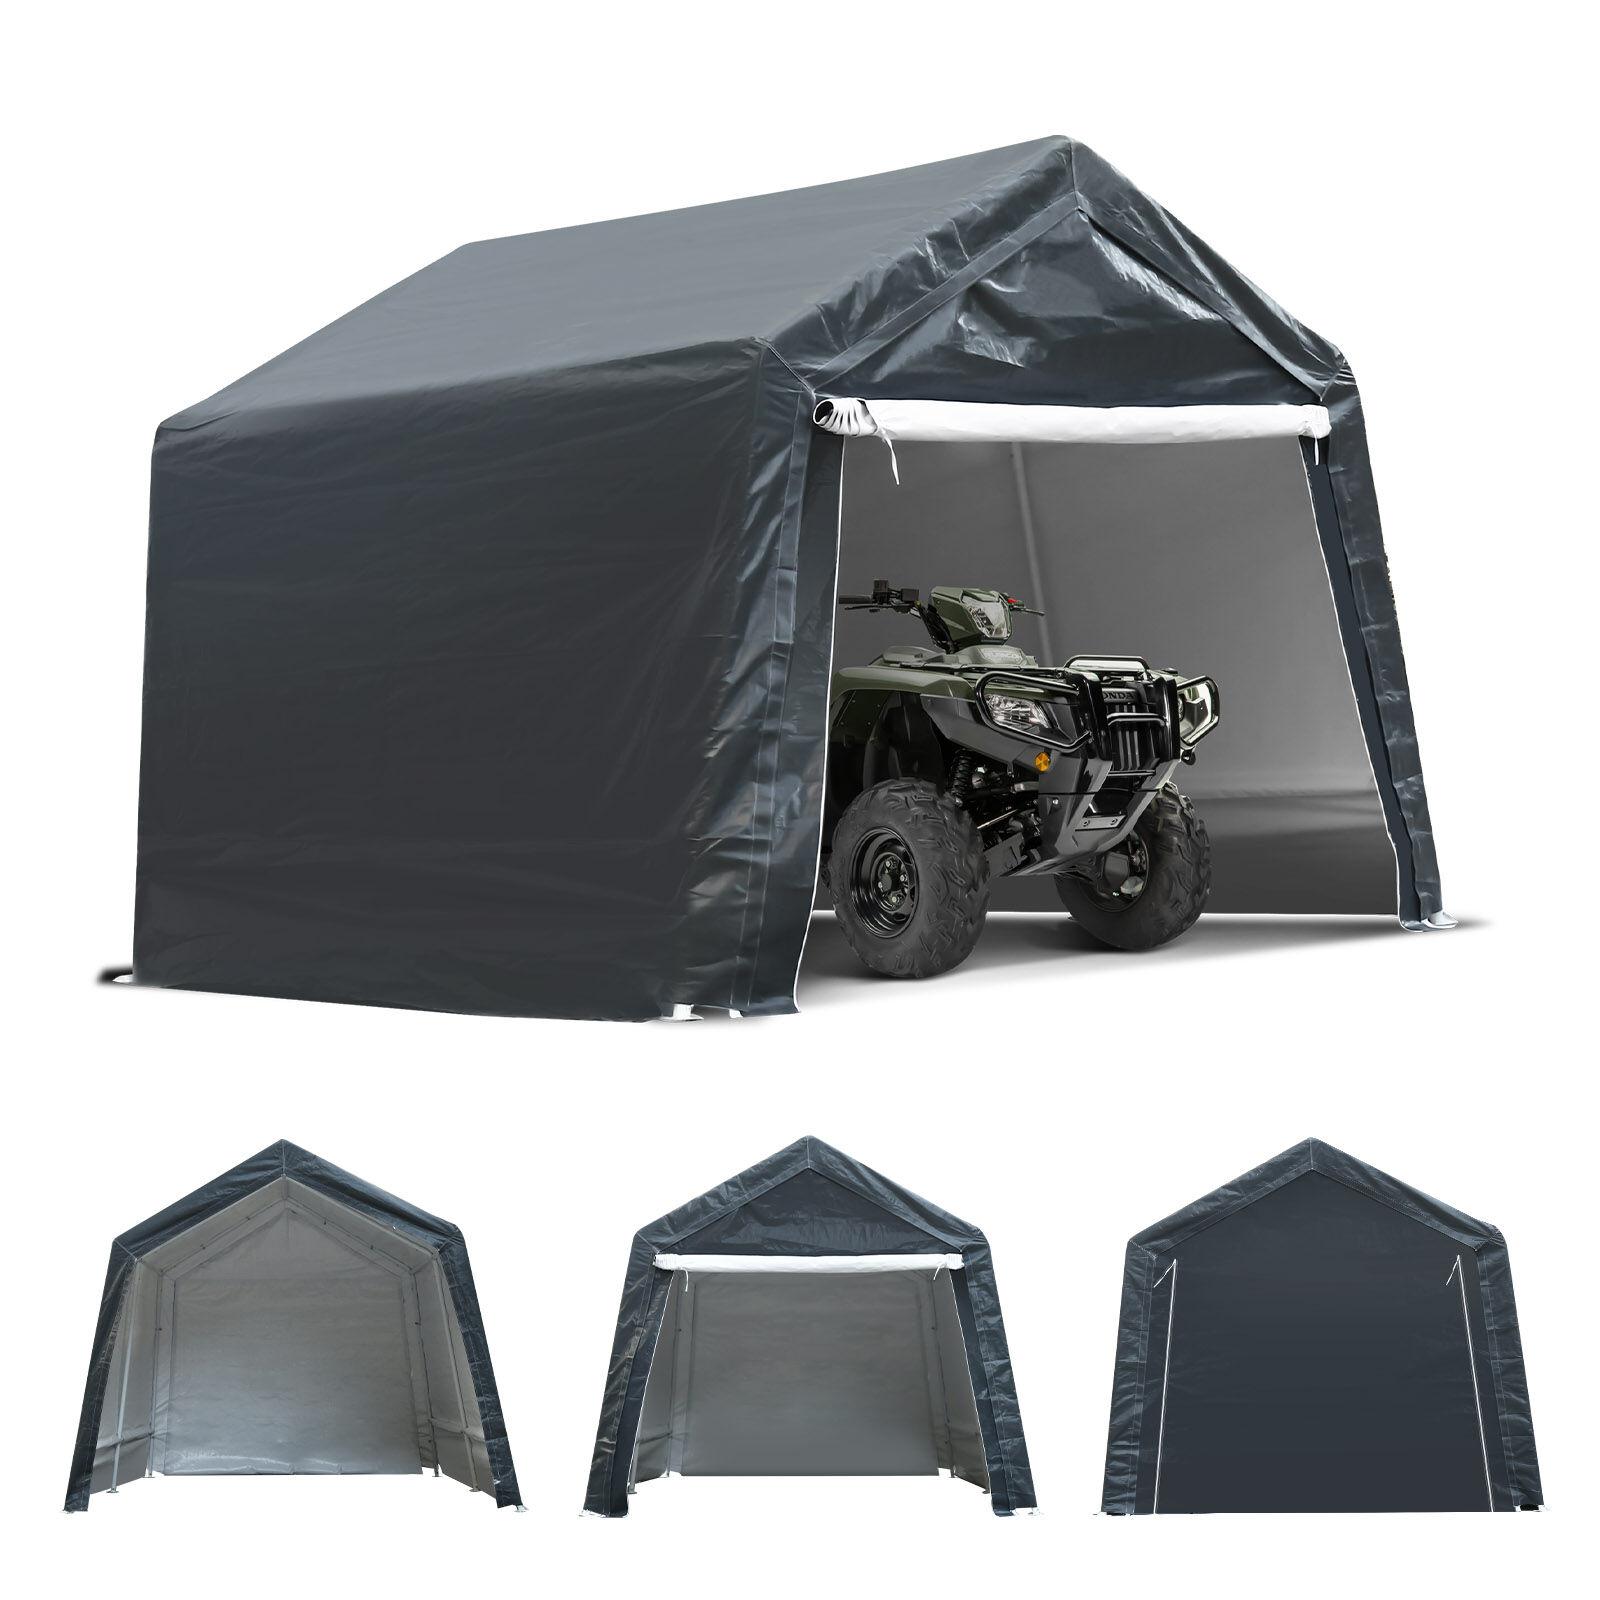 tooca 7x12x7.4 Ft Outdoor Garage Tent Kit with Detachable Roll-up Zipper Door for Motorcycle Gardening Vehicle ATV Storage, Ultimate Gray